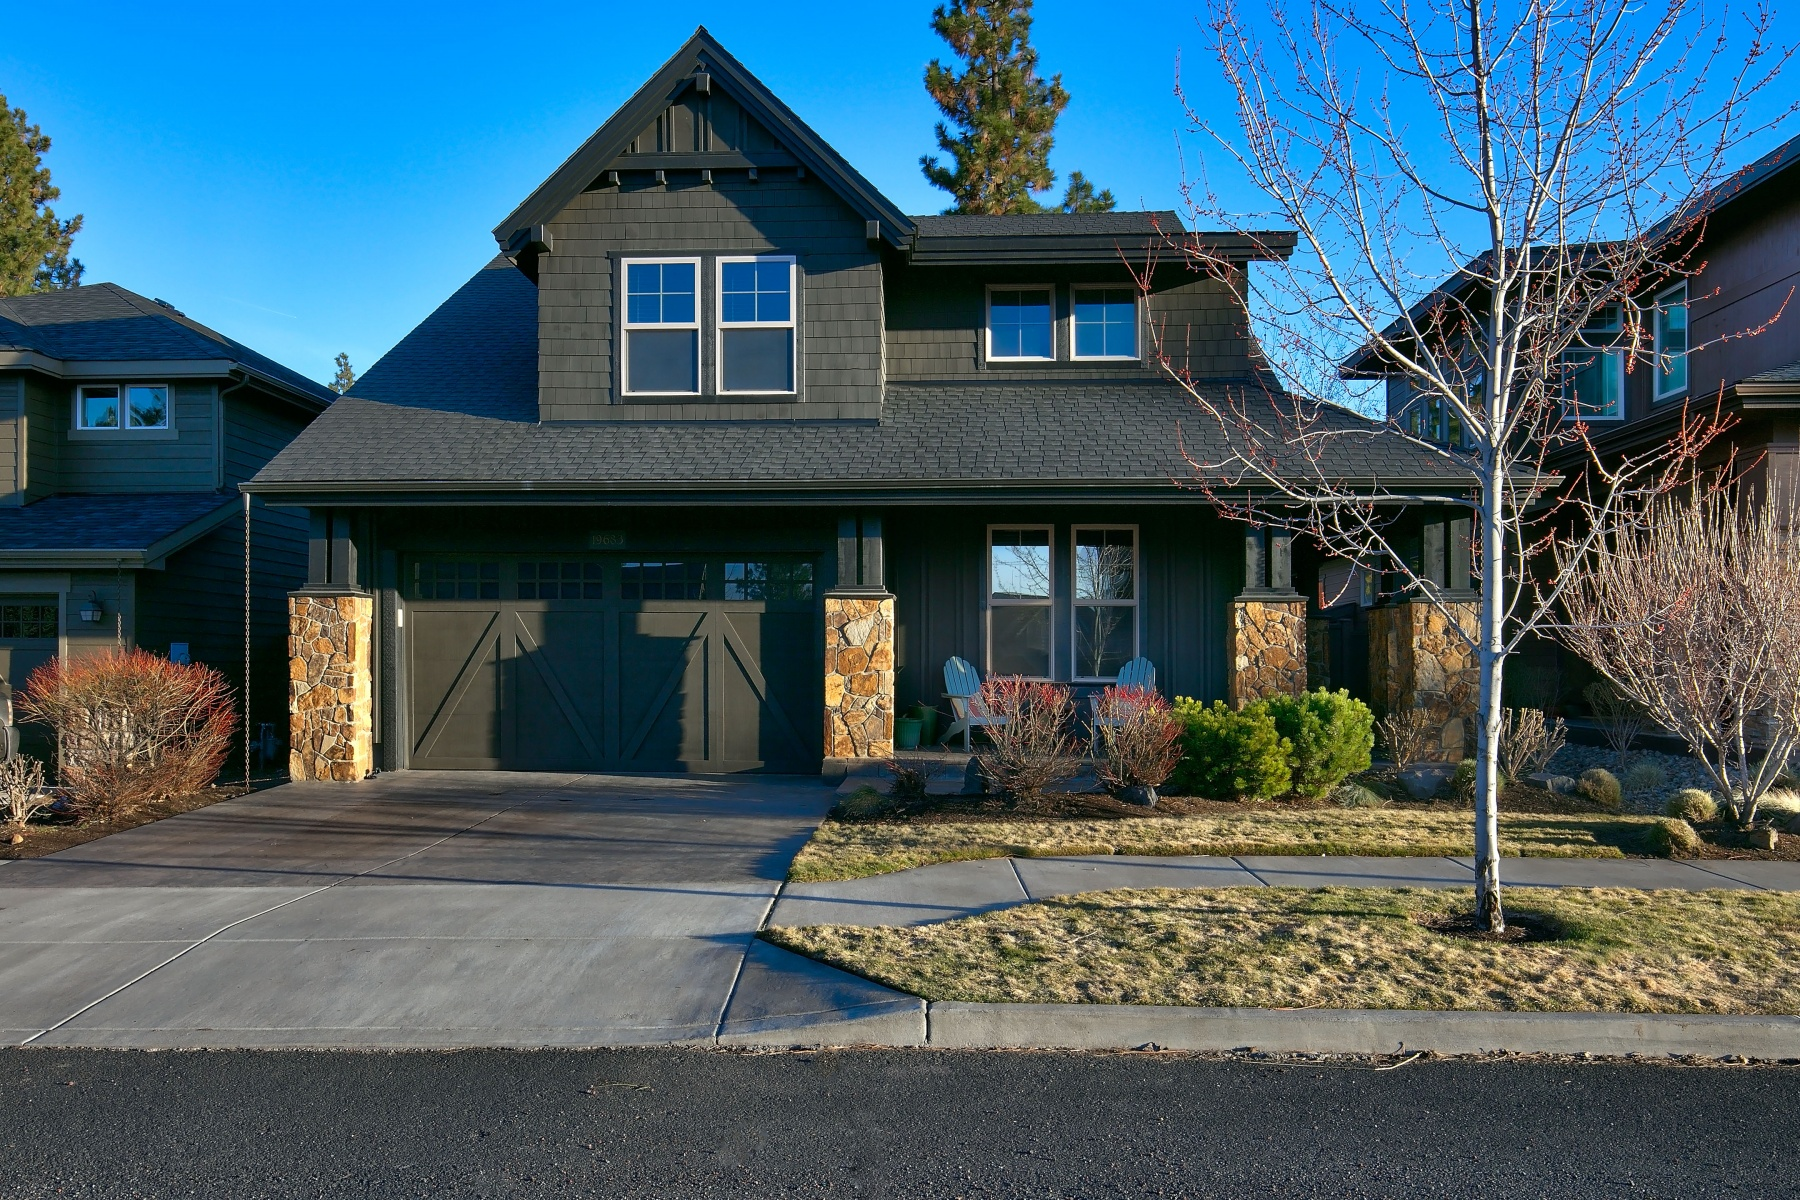 Maison unifamiliale pour l Vente à Renassaince Built Home in SW Bend! 19683 Hollygrape St Bend, Oregon, 97702 États-Unis